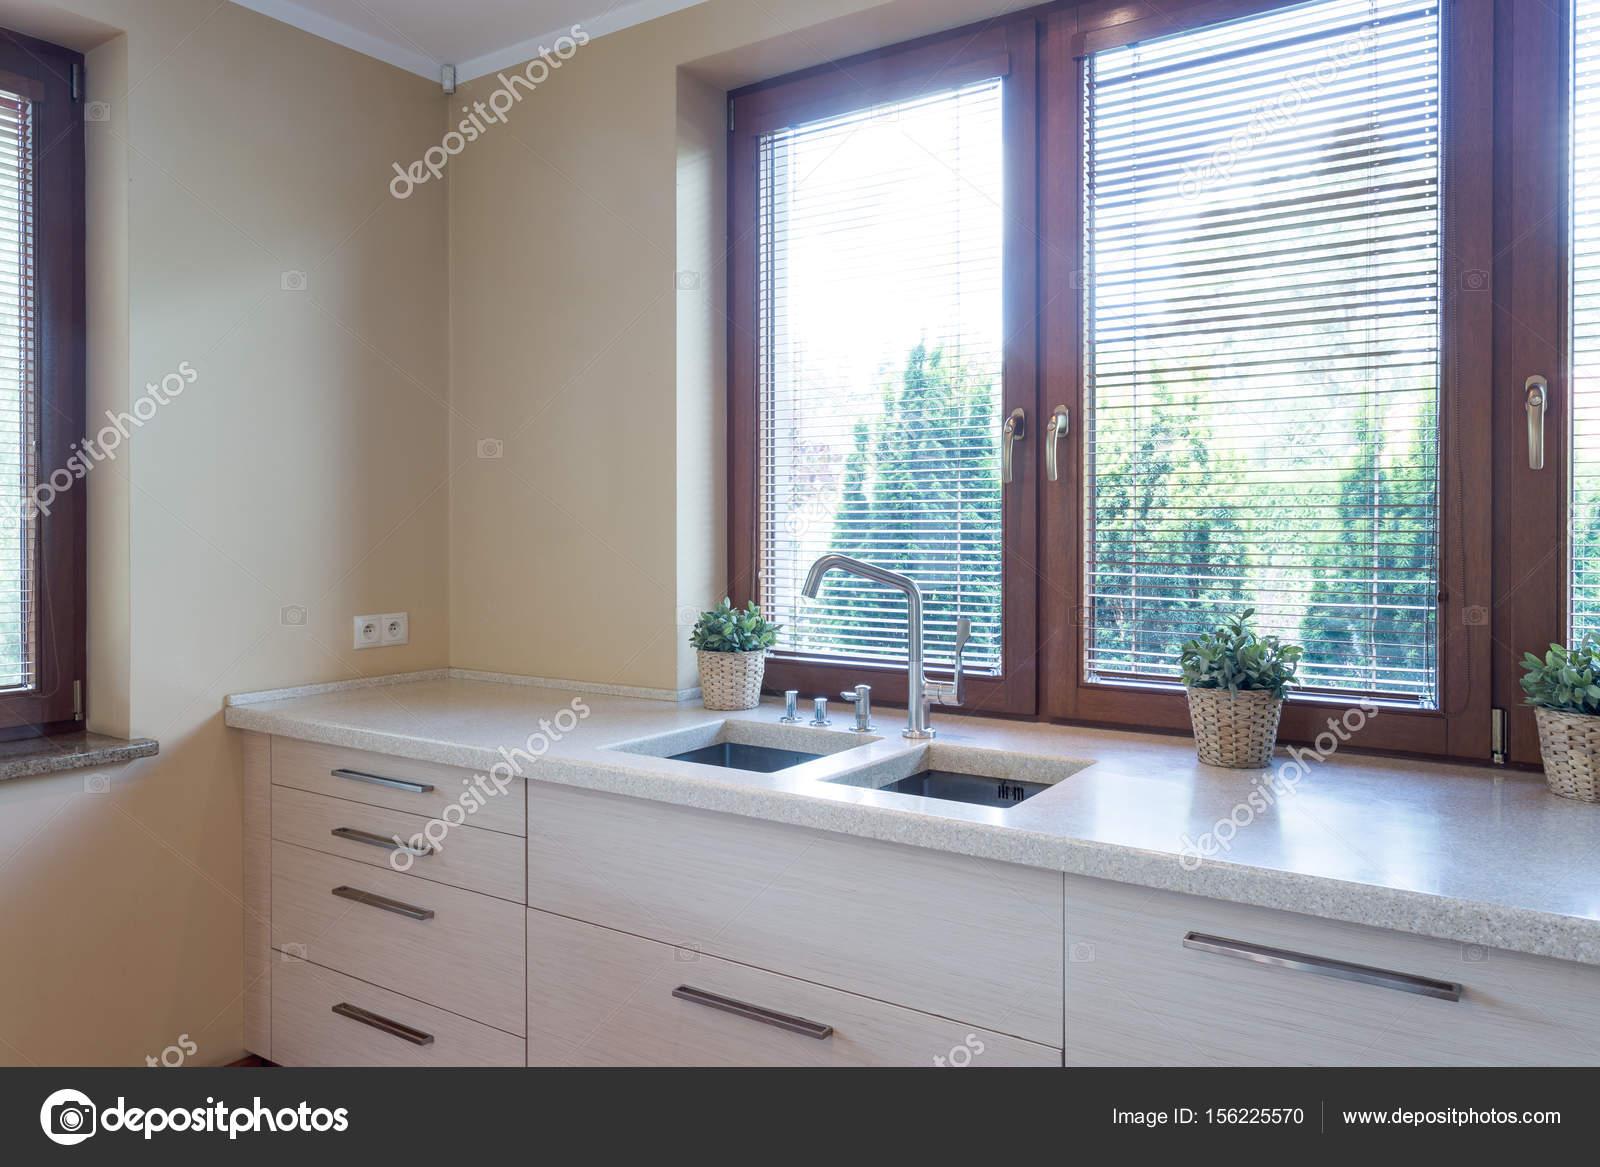 Küche mit Marmor Kitchentop mit Waschbecken — Stockfoto ...